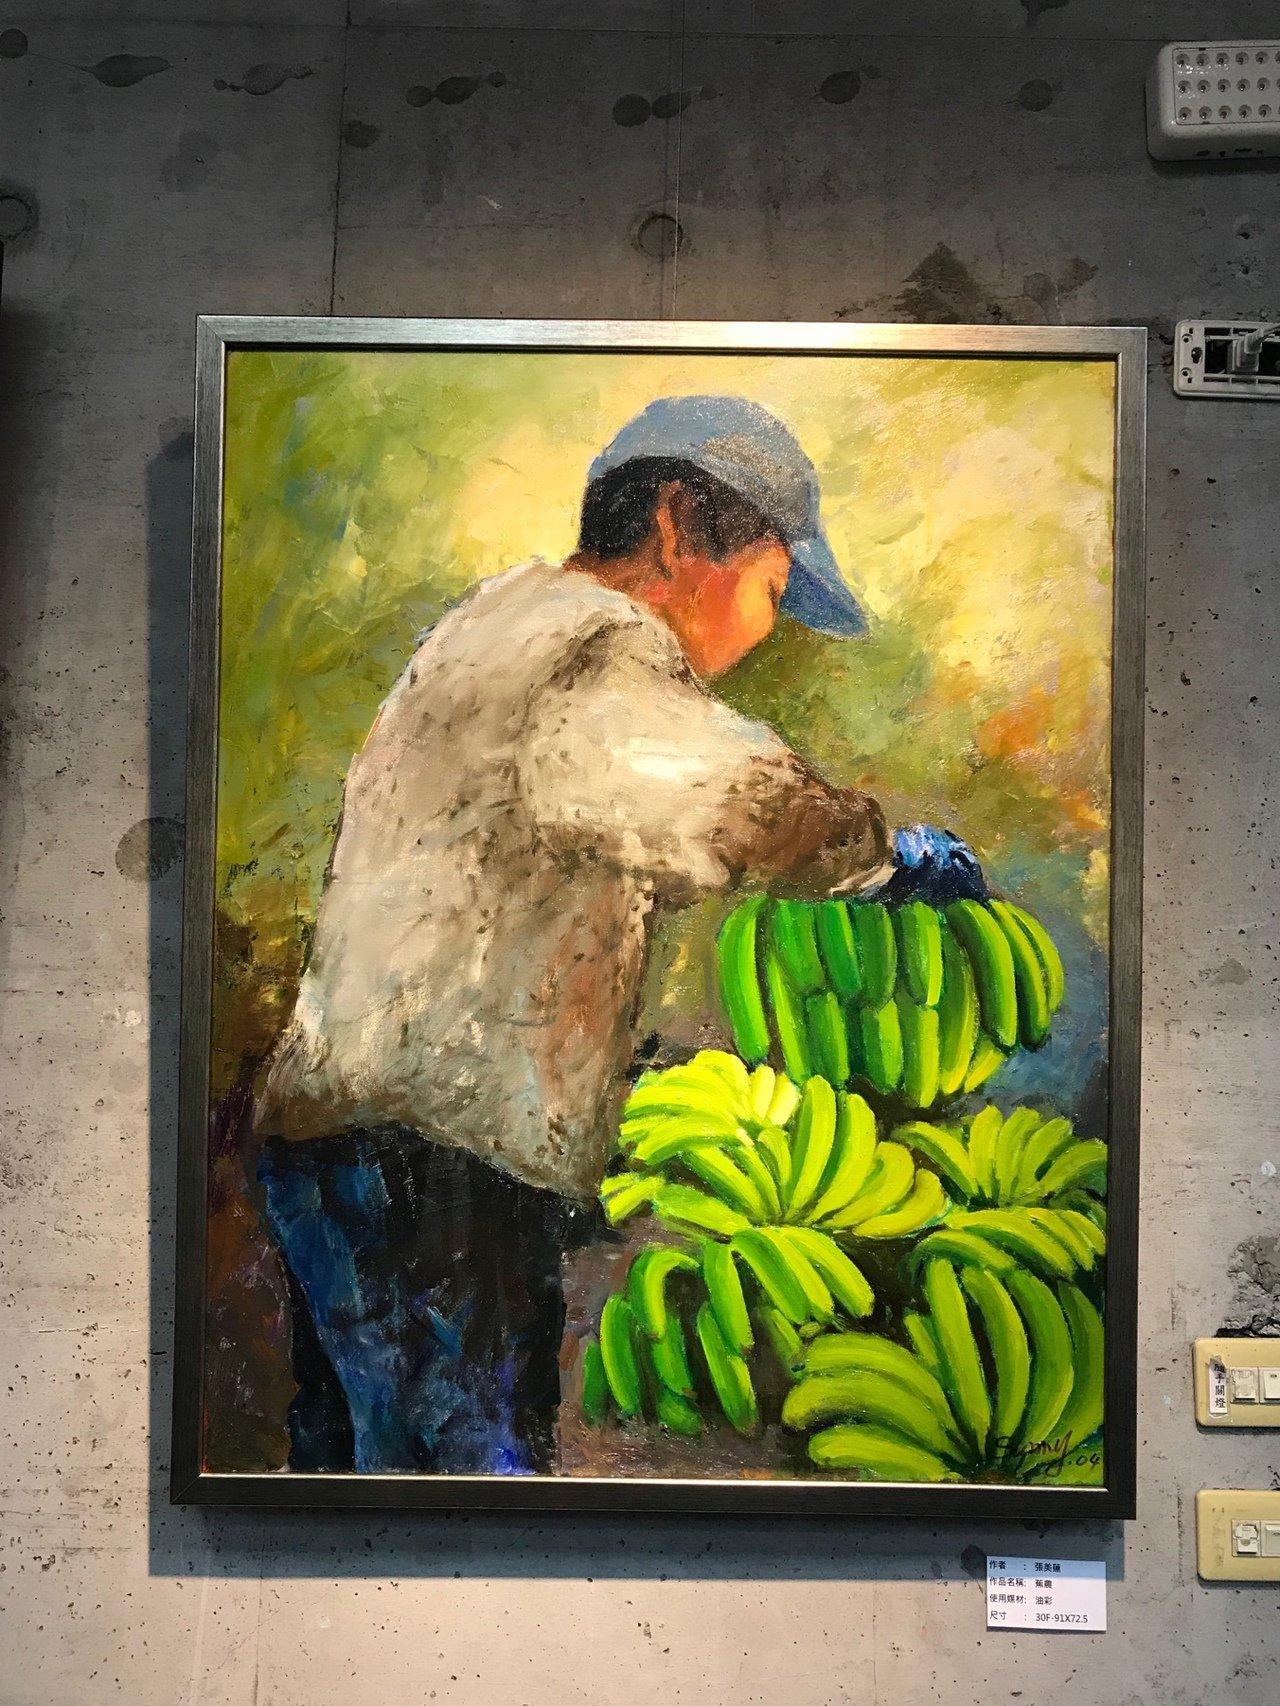 張美蓮畫筆下的「蕉農」,這幅畫是以她父親為創作原型,紀錄童年時看著父親勞動時留下...